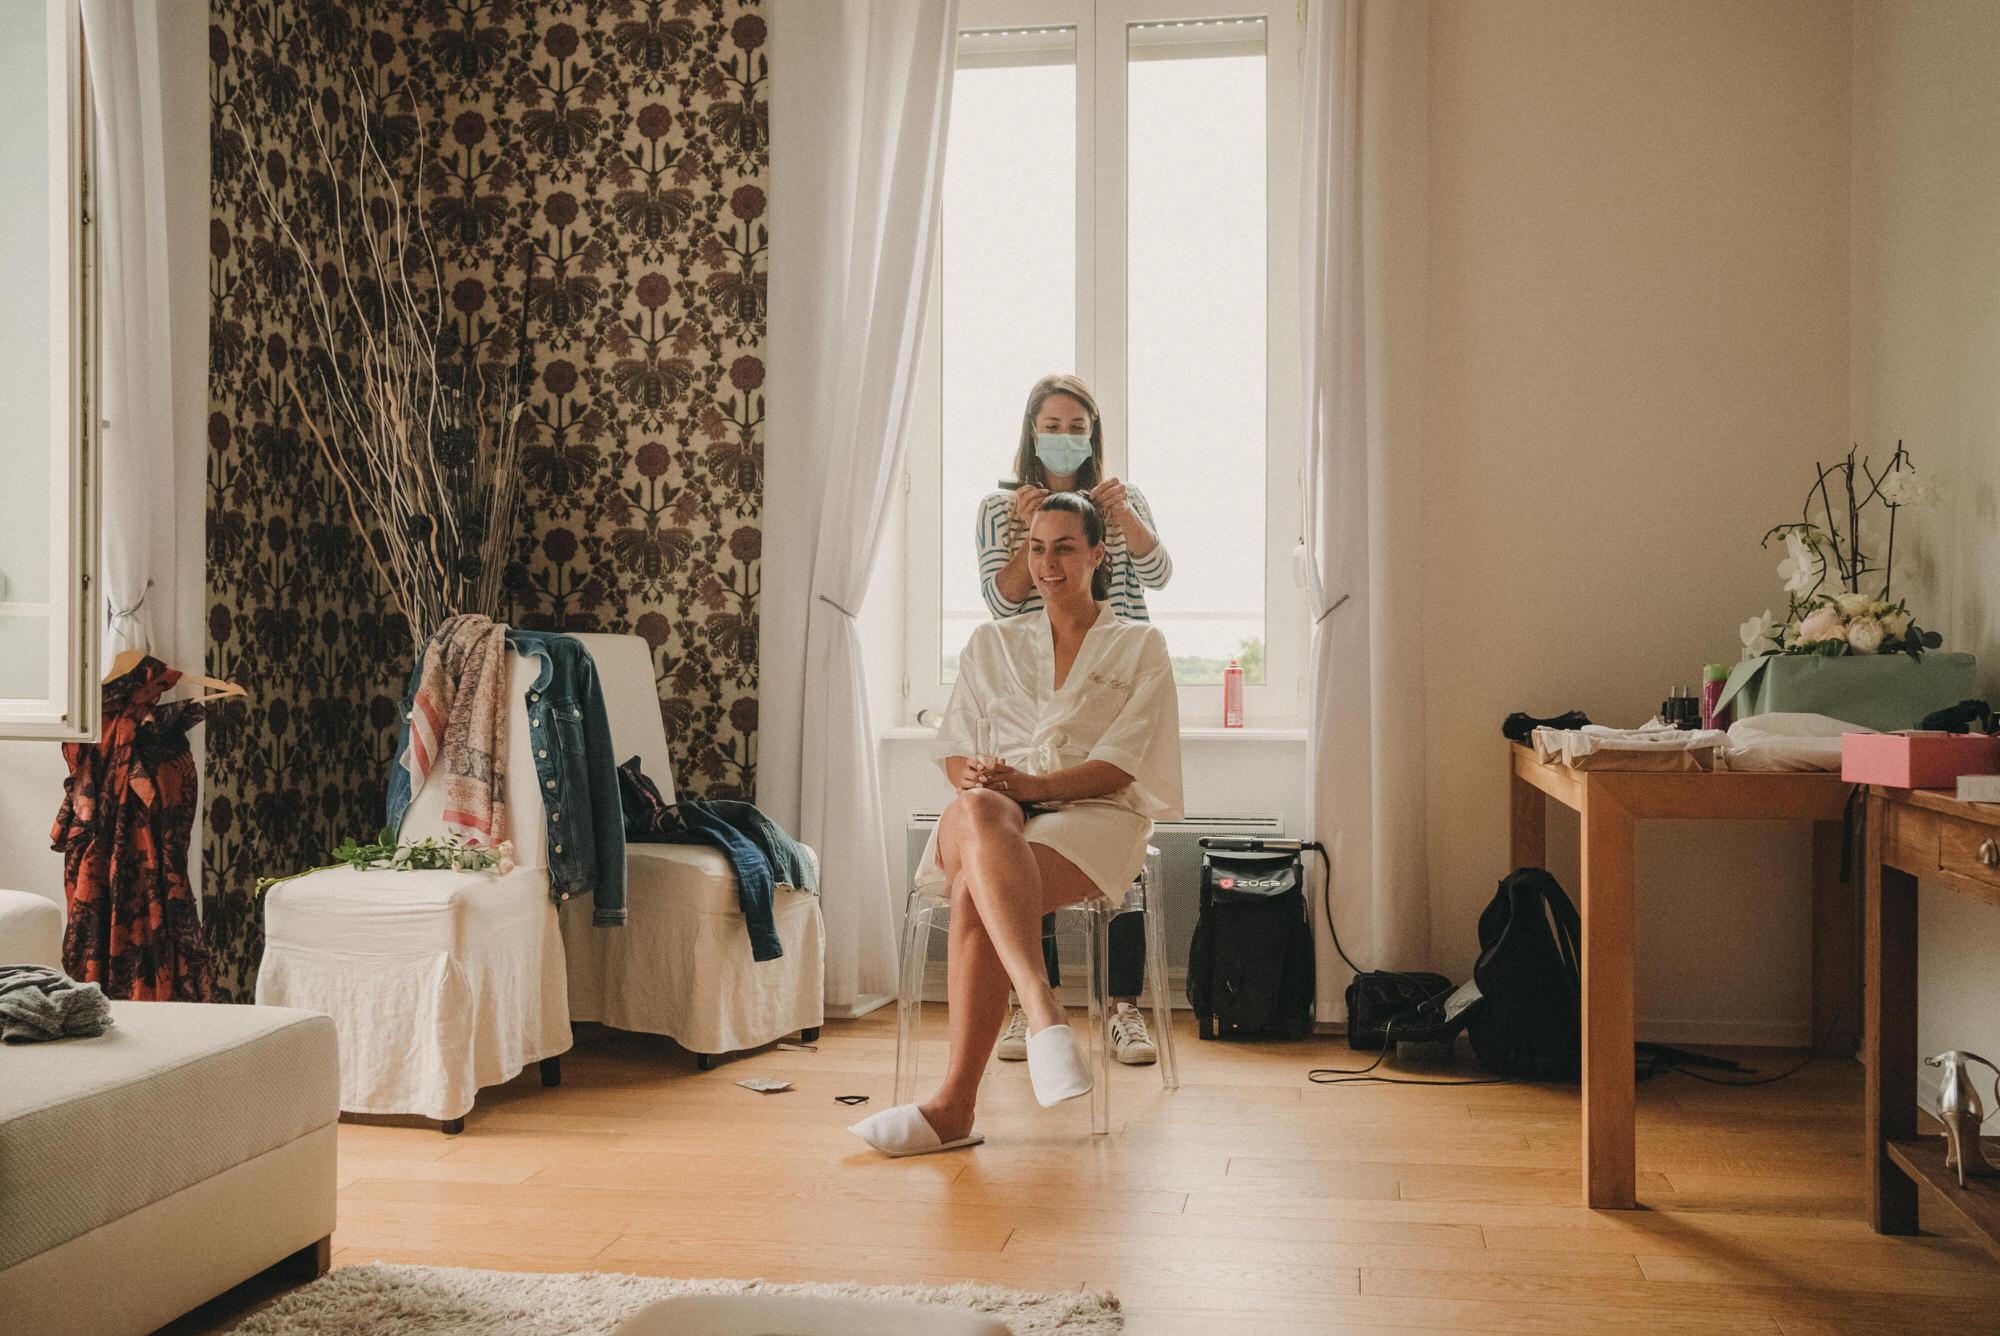 Photo De Mariage Au Manoir De Kerhuel A Plouneour Lanvern De Perle Danilson Par Antoine Borzeix 21, Photographe & Videaste à Brest / Finistère